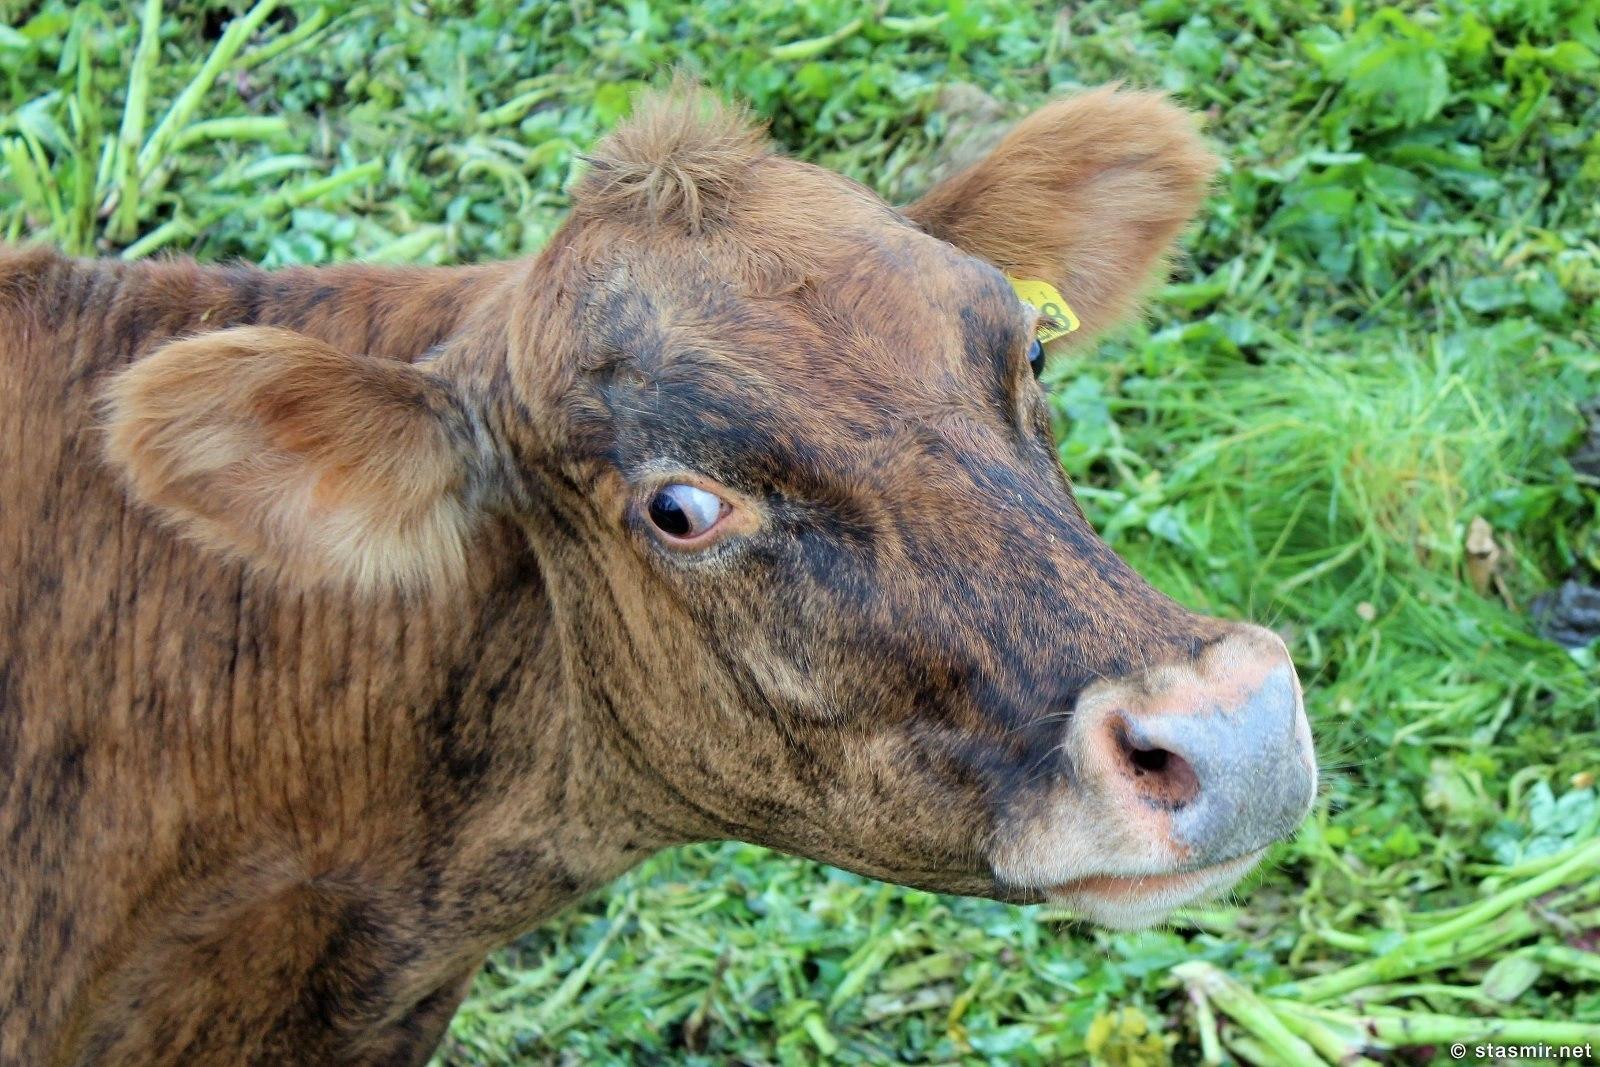 Það eru mörg undur í kýrhöfuð переводится как В голове у коровы много чудес, фото Стасмир, Photo Stasmir